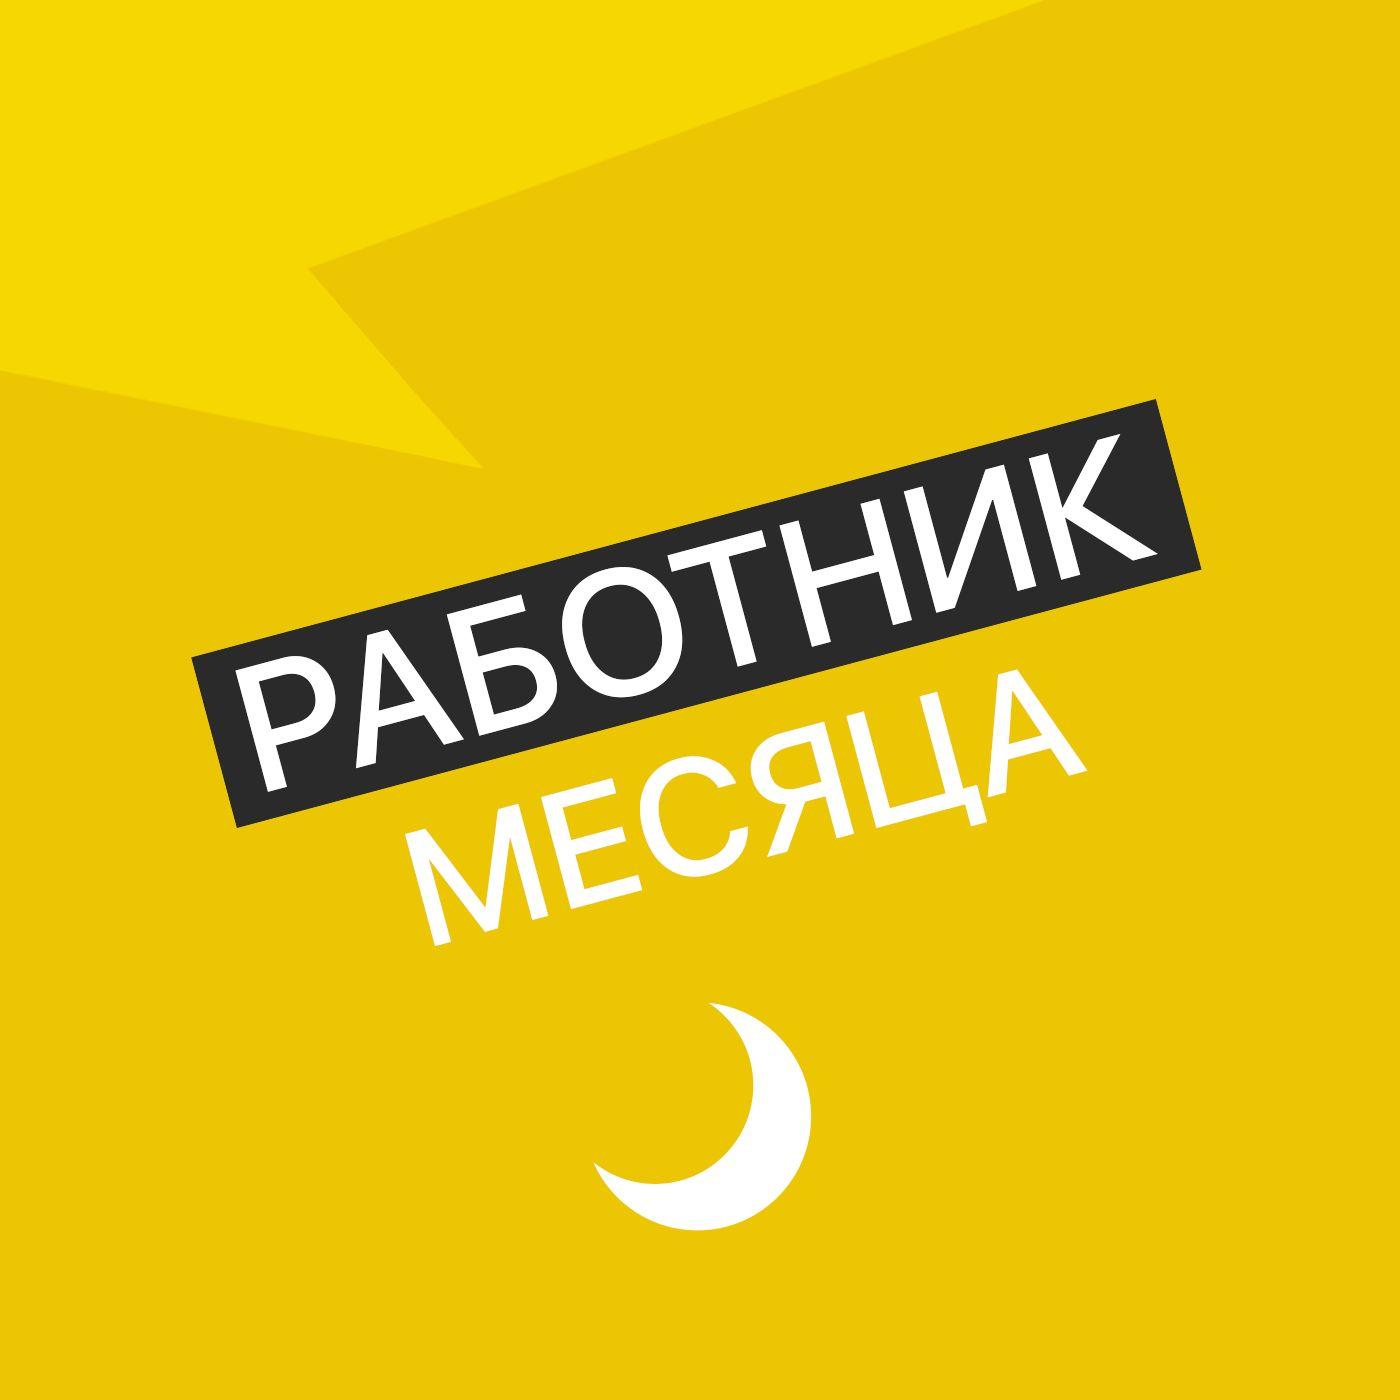 Творческий коллектив Mojomedia Владелец студии красоты творческий коллектив mojomedia владелец квесткомнаты